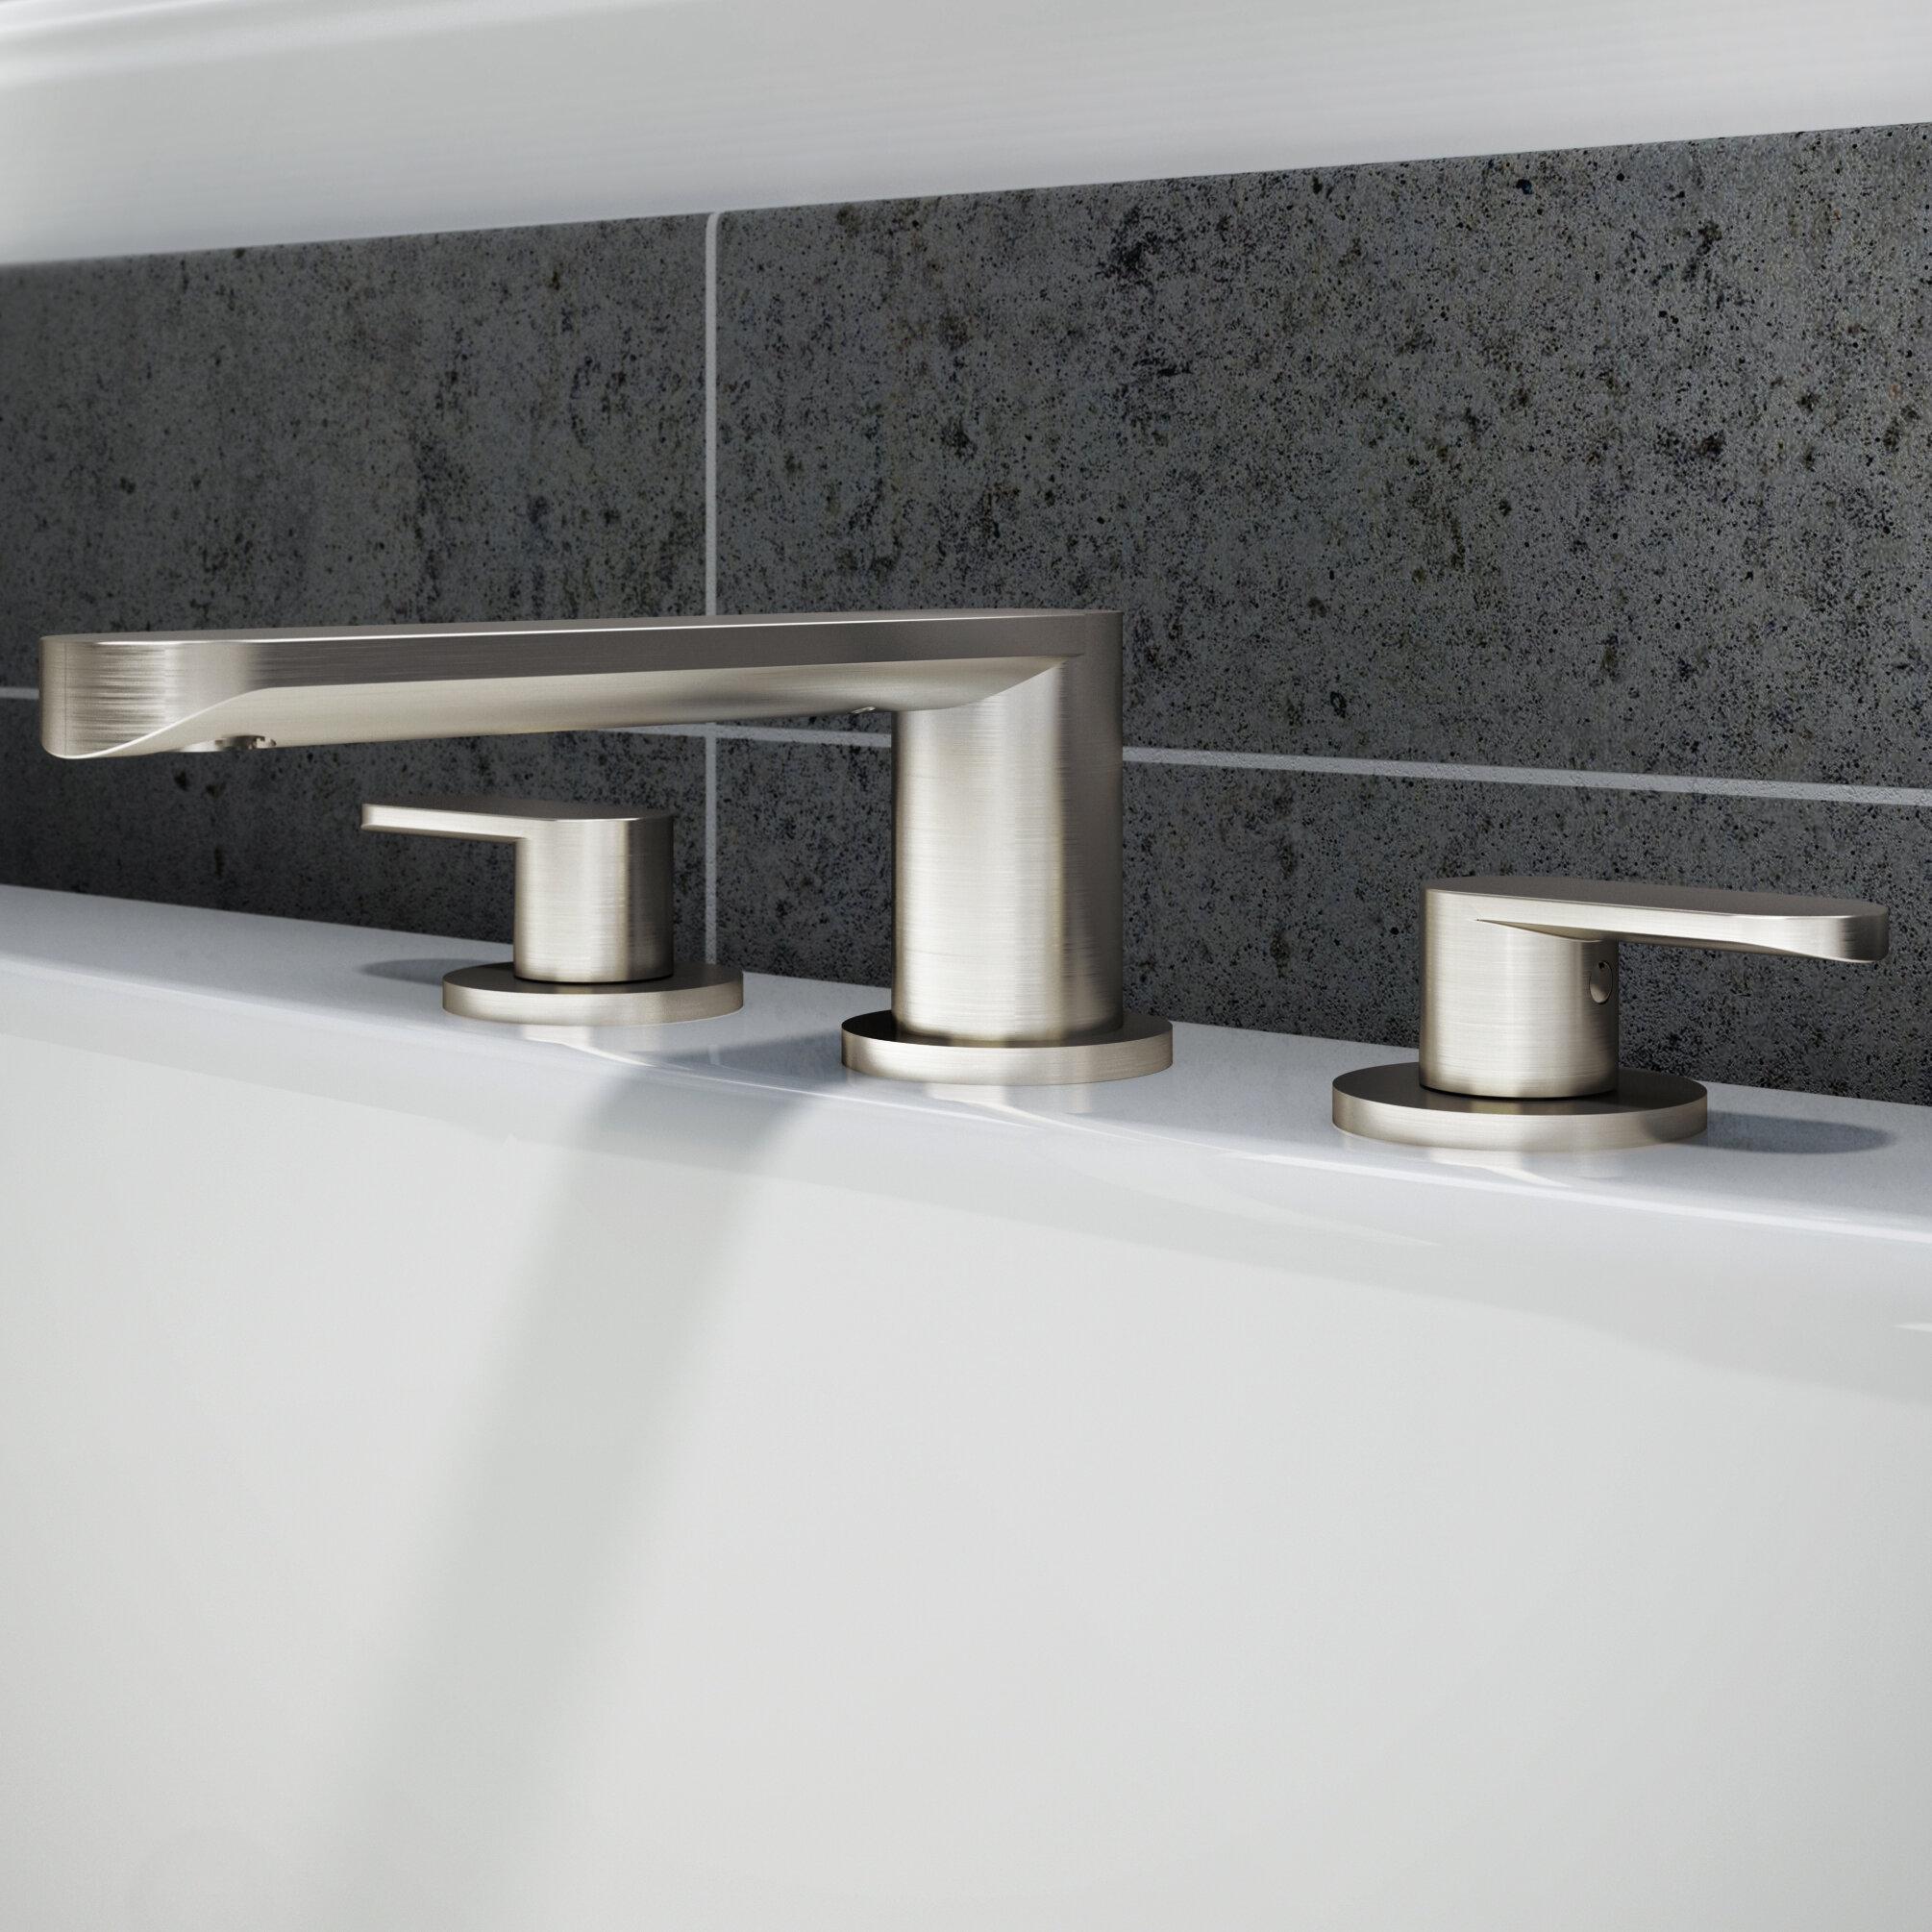 Jacuzzi® Razzo Double Handle Deck Mount Roman Tub Faucet Trim | Wayfair